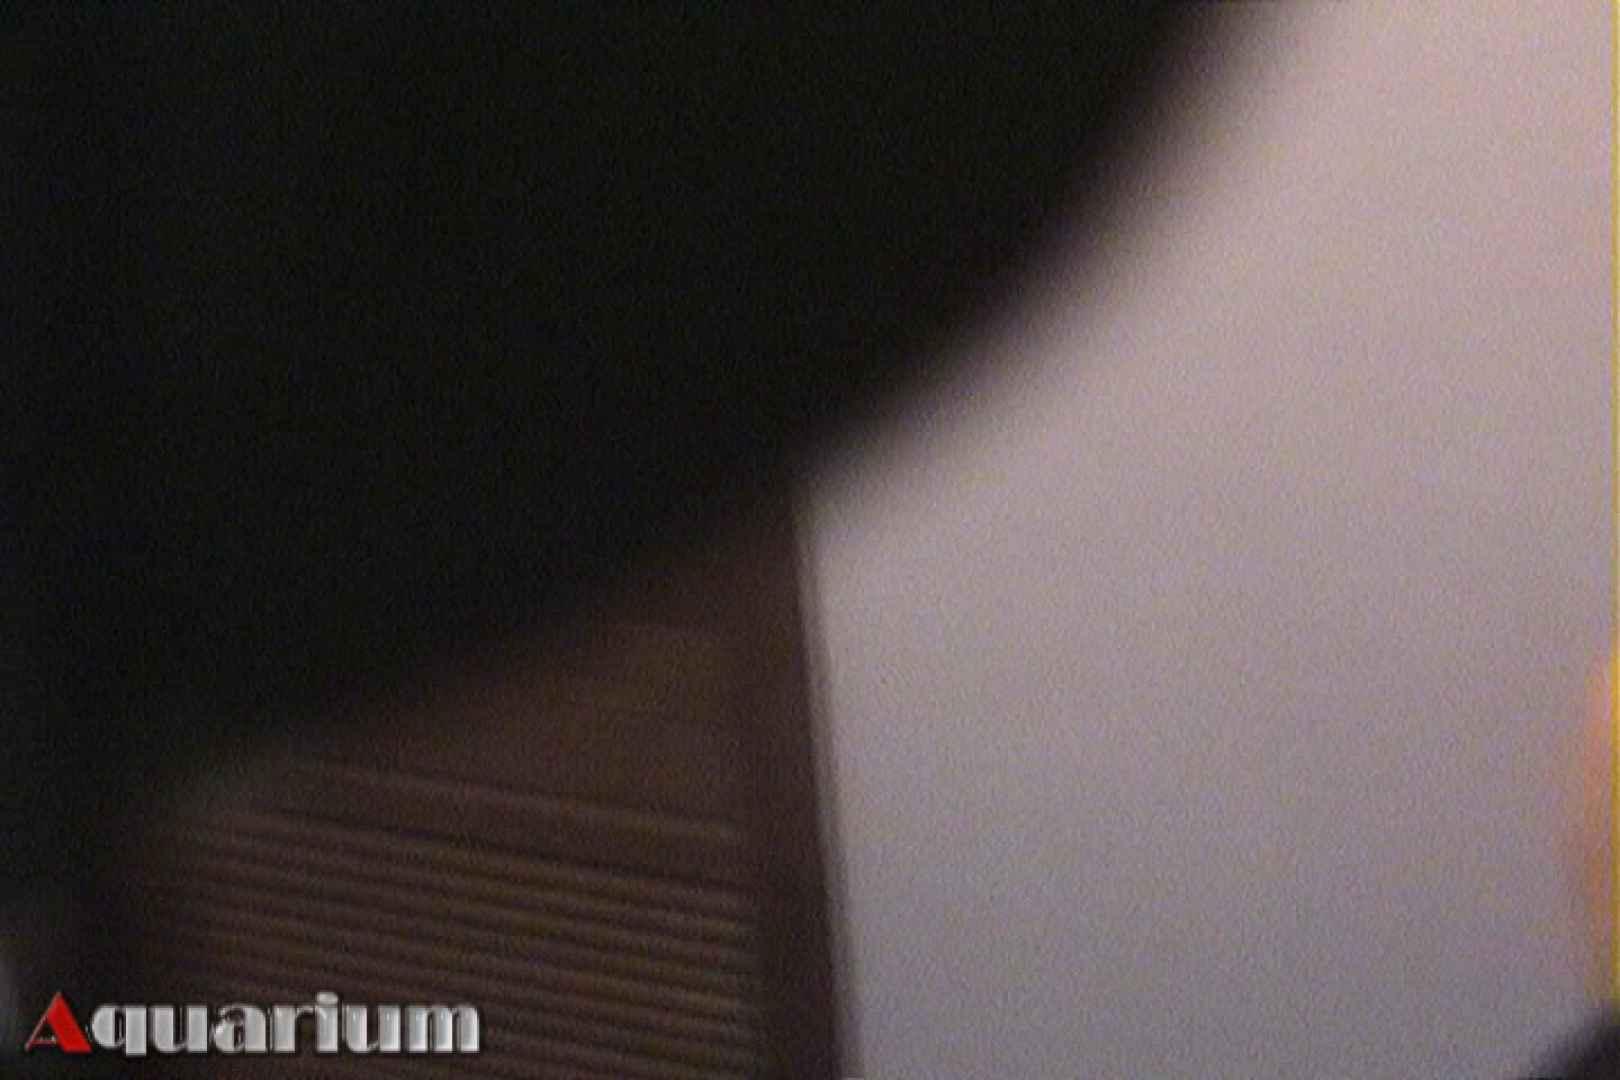 旅館脱衣所お着替え盗撮 Vol.02 盗撮  94pic 34